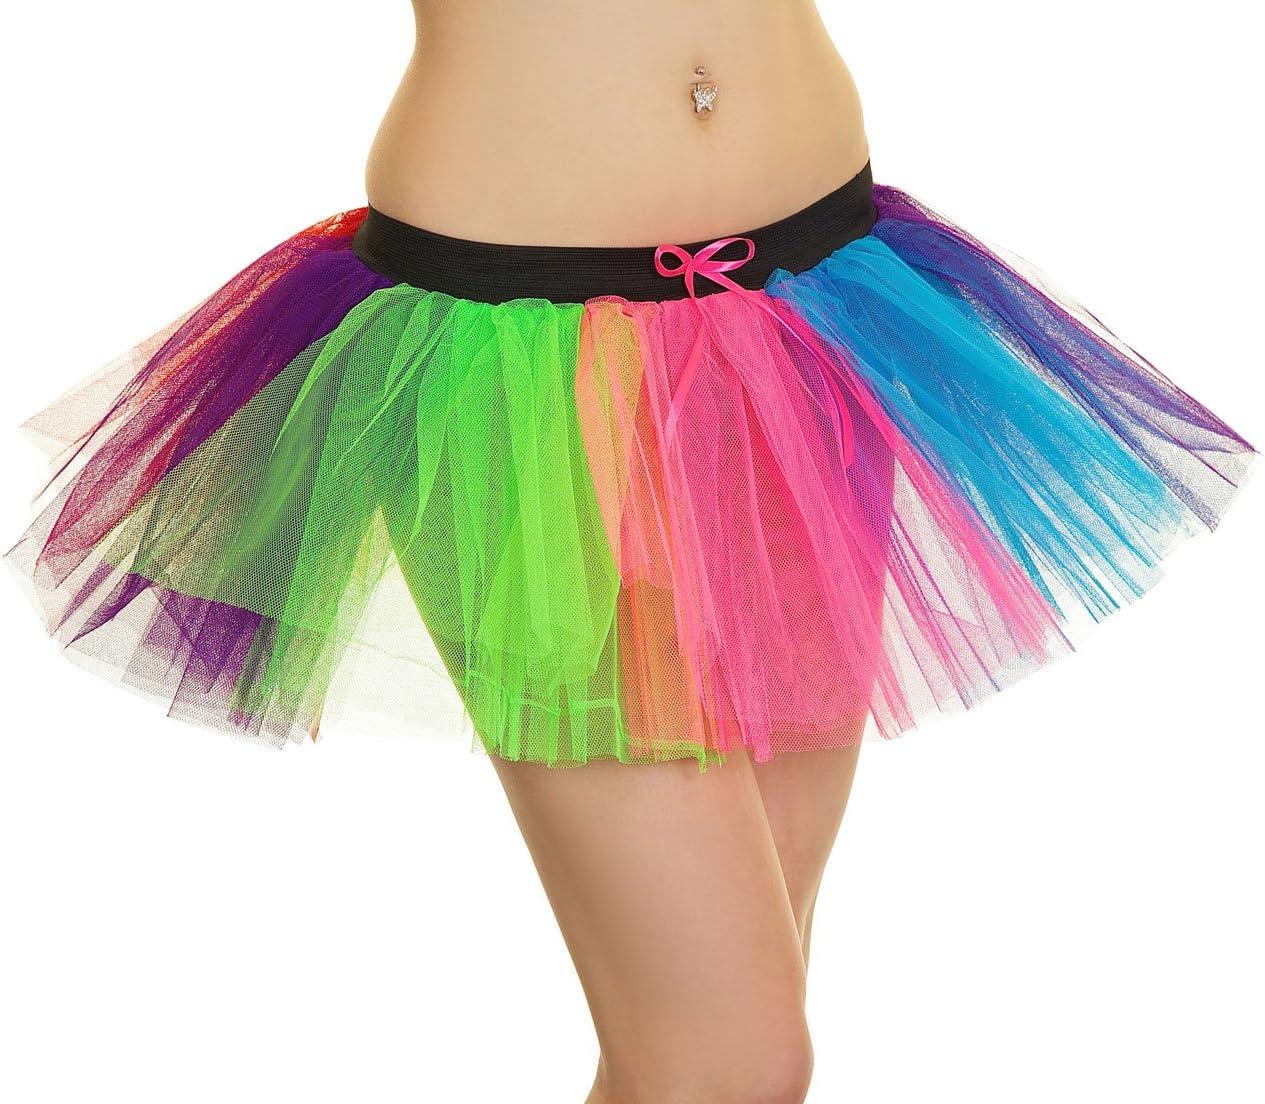 Falda tutu para mujer, 3 capas, diseño de payaso, color arcoíris ...